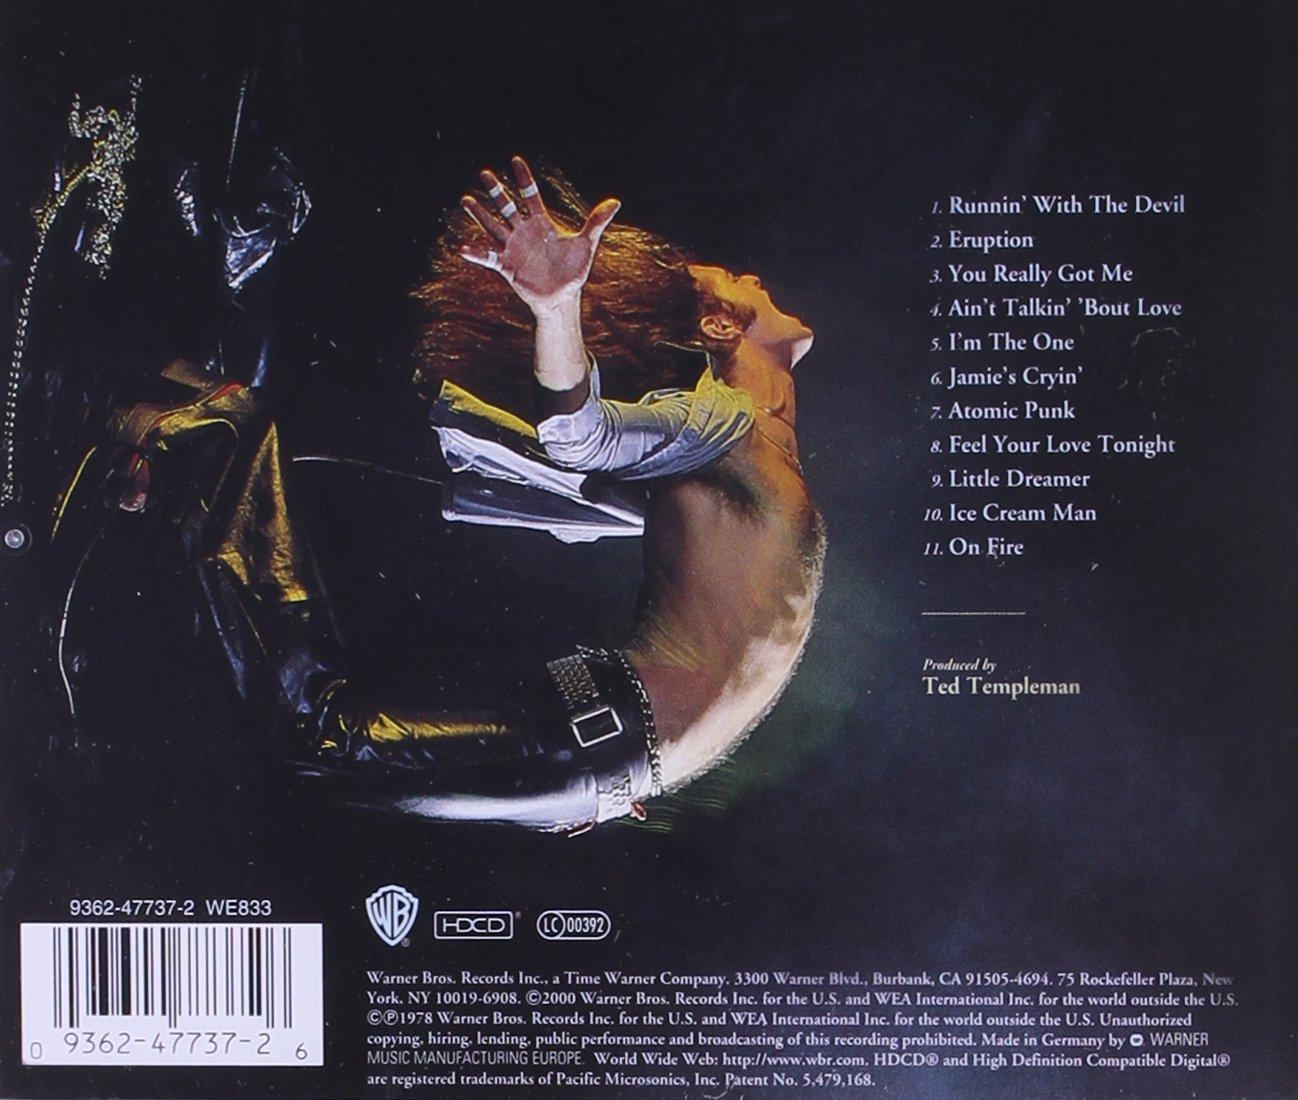 van halen 2 full album